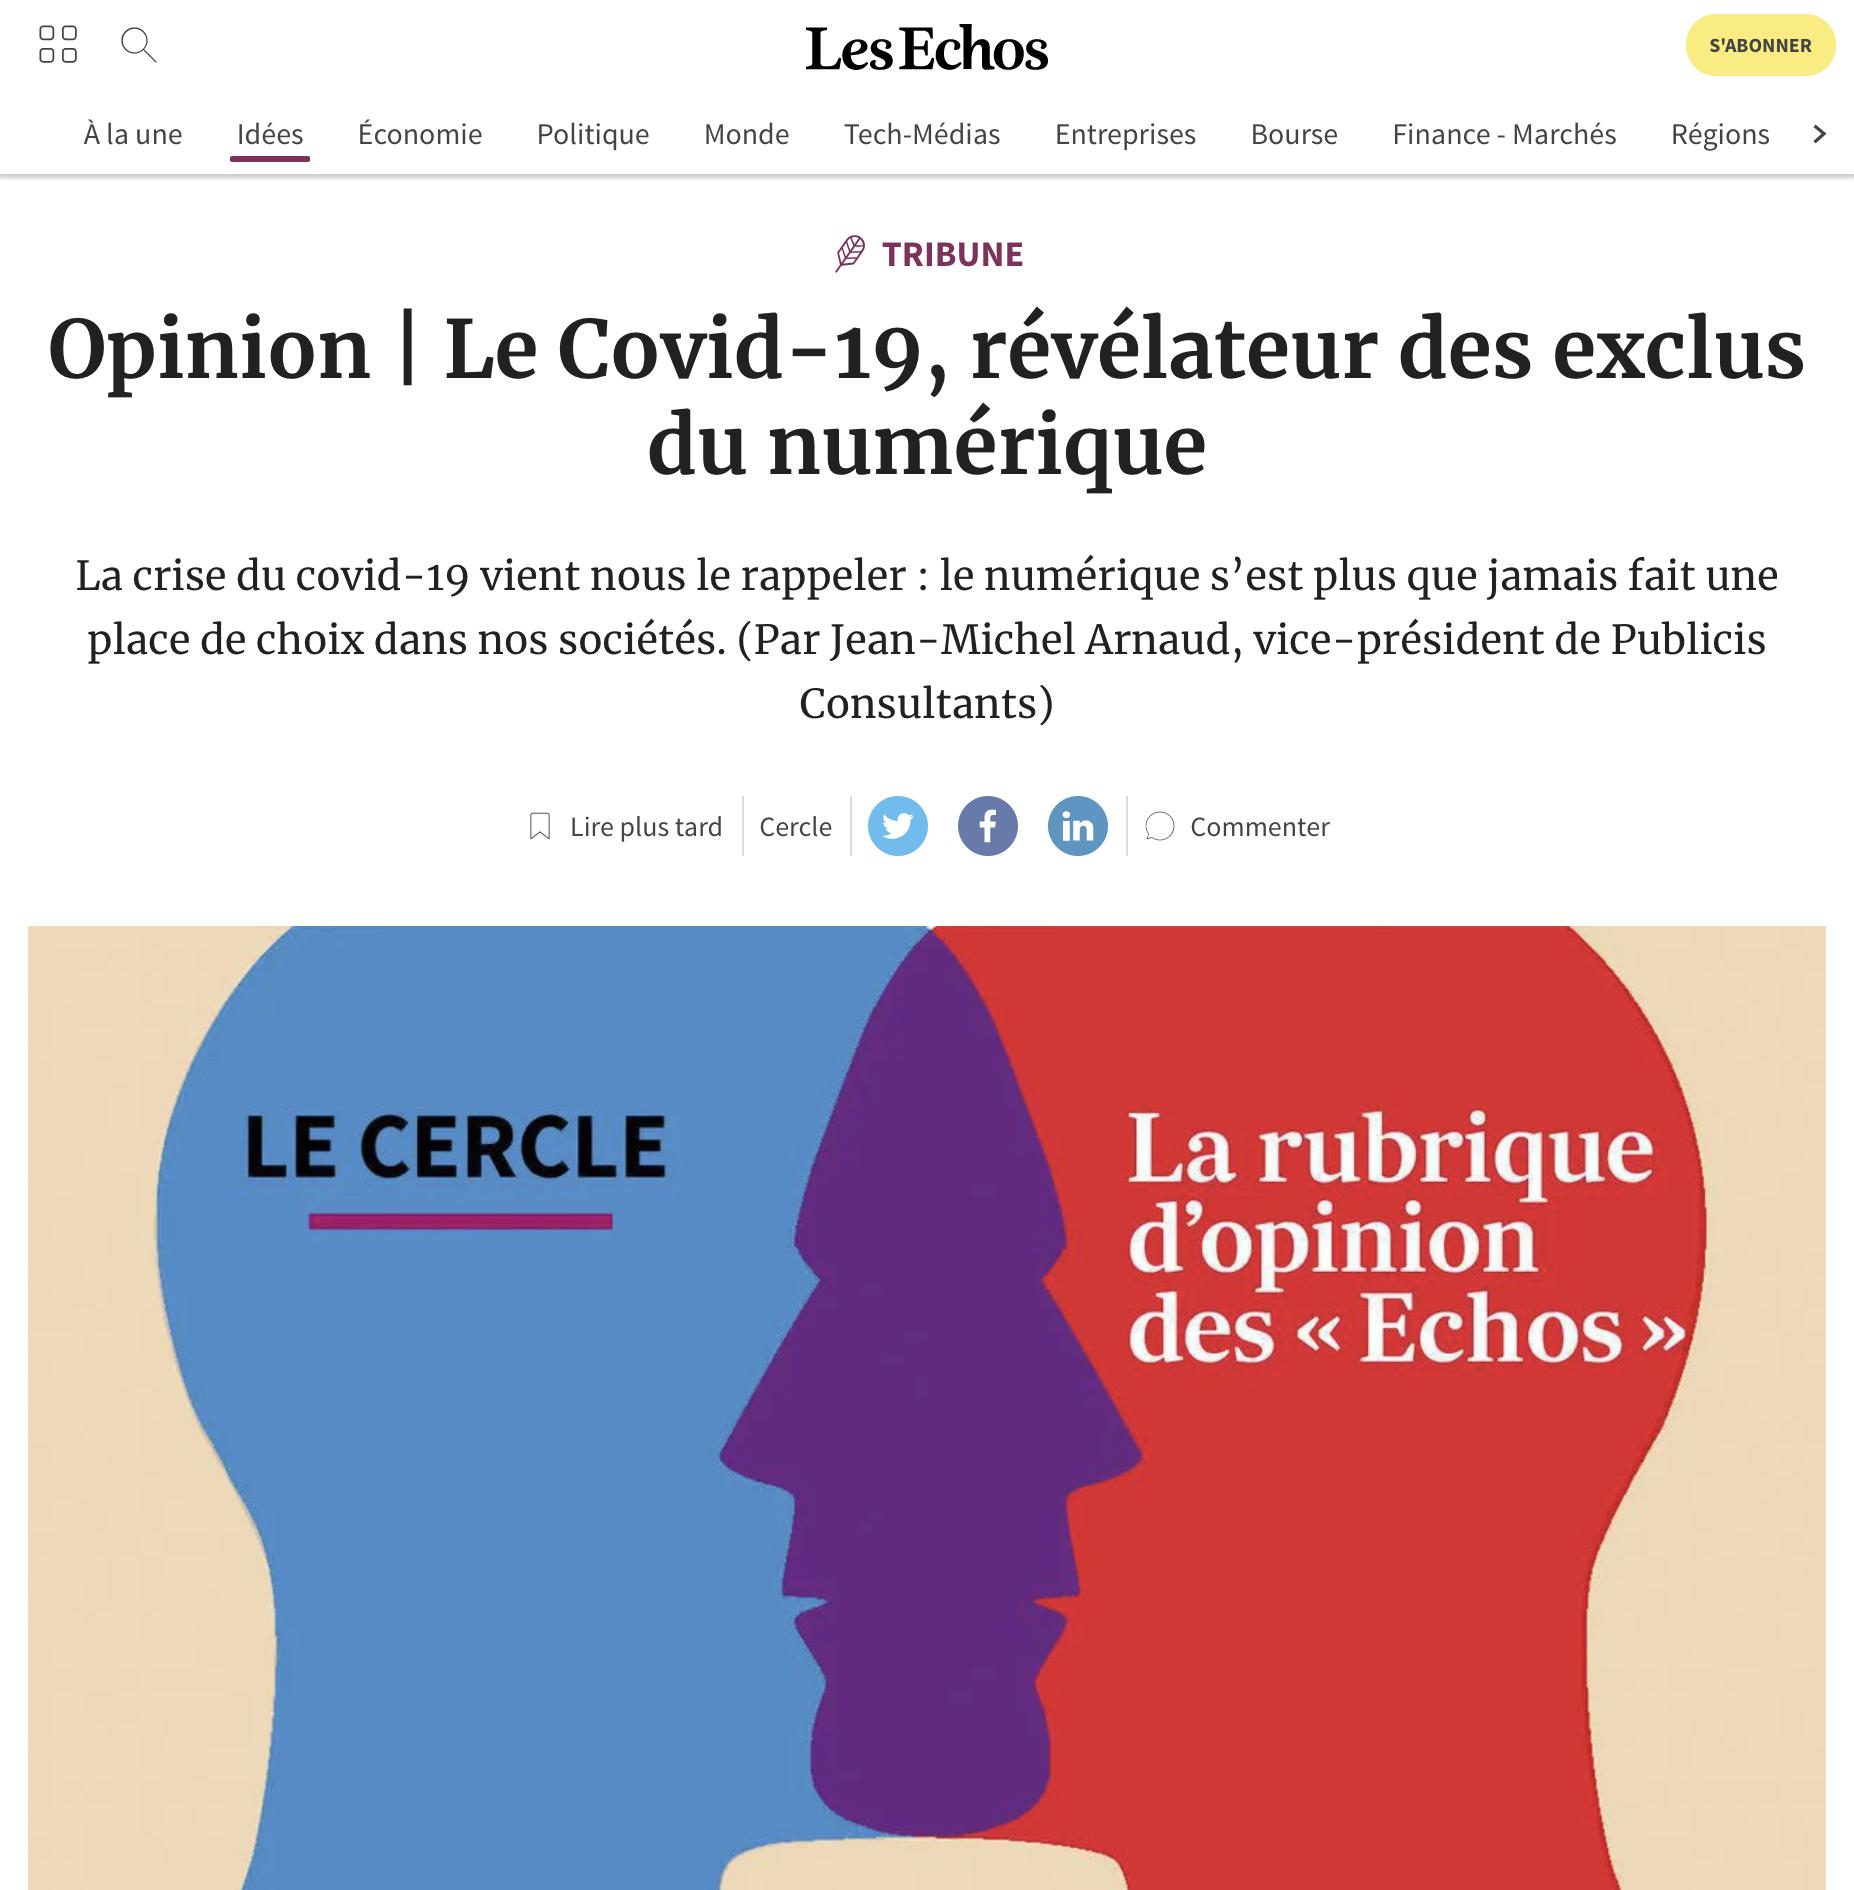 Le Covid-19, révélateur des exclus du numérique